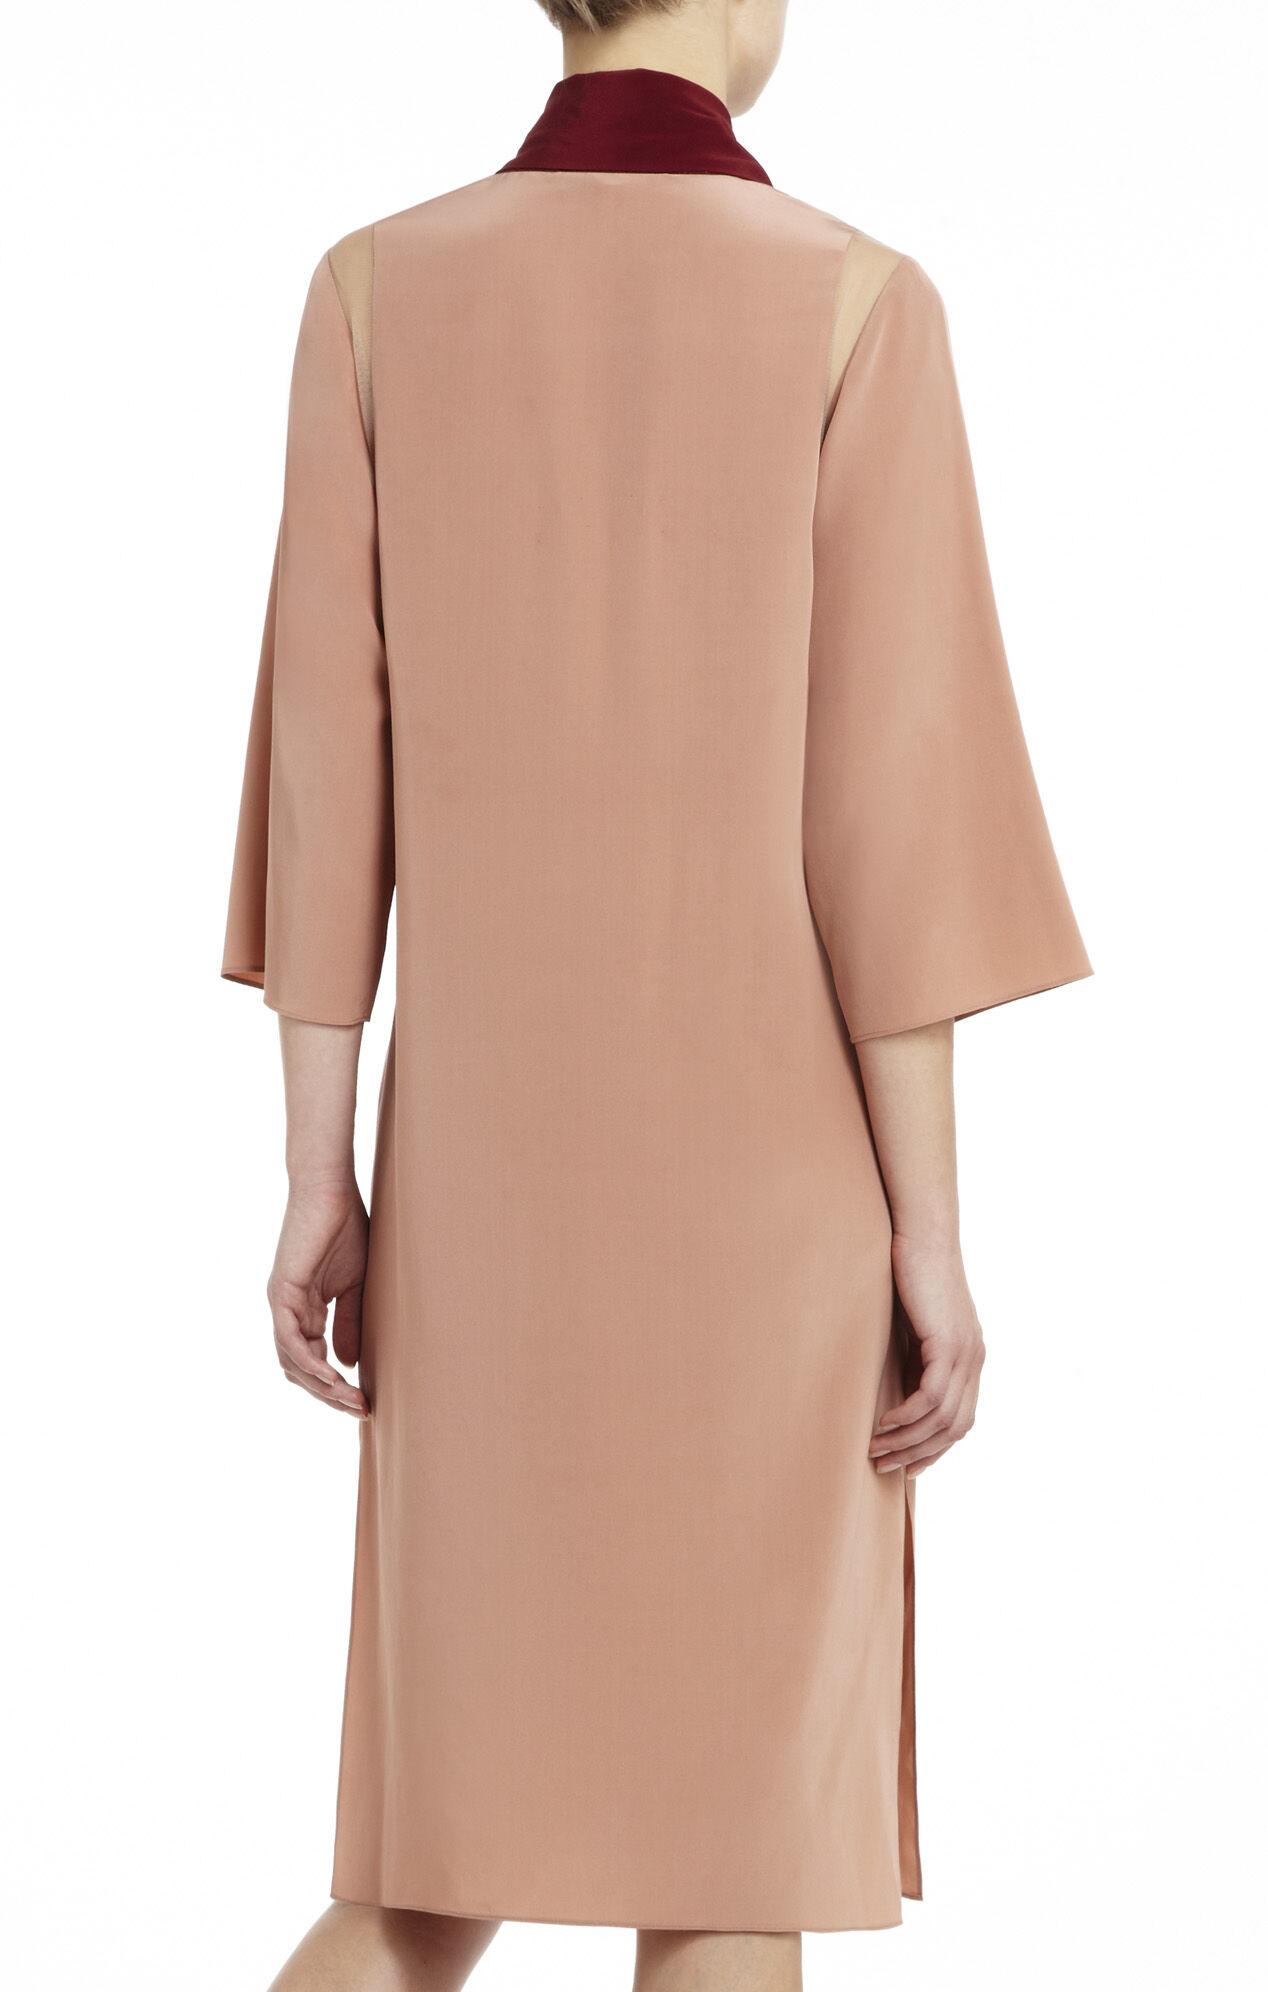 Runway Maude Dress